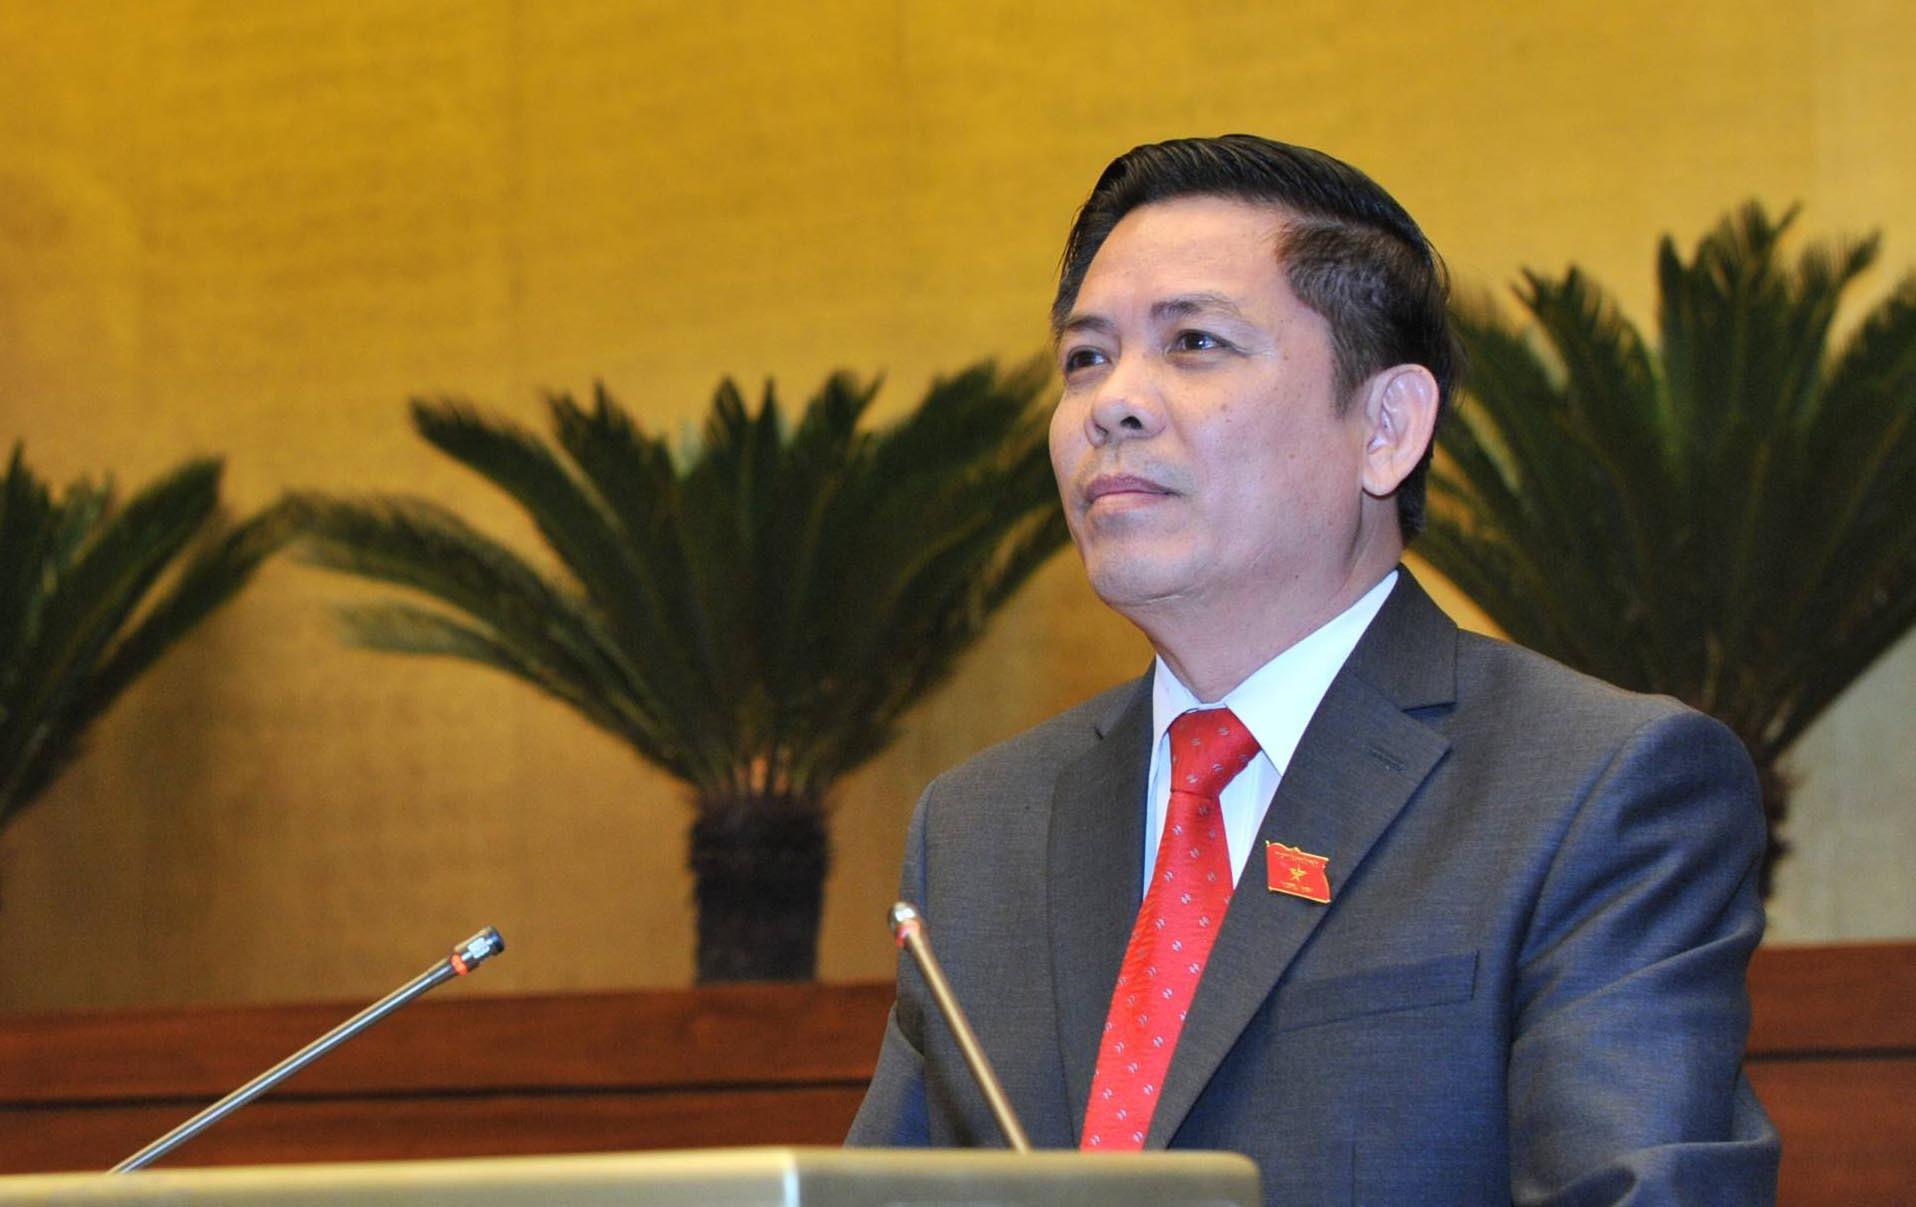 [Video] Bộ trưởng Nguyễn Văn Thể: Tổng thầu đường sắt Cát Linh - Hà Đông thiếu kinh nghiệm vận hành - Ảnh 5.